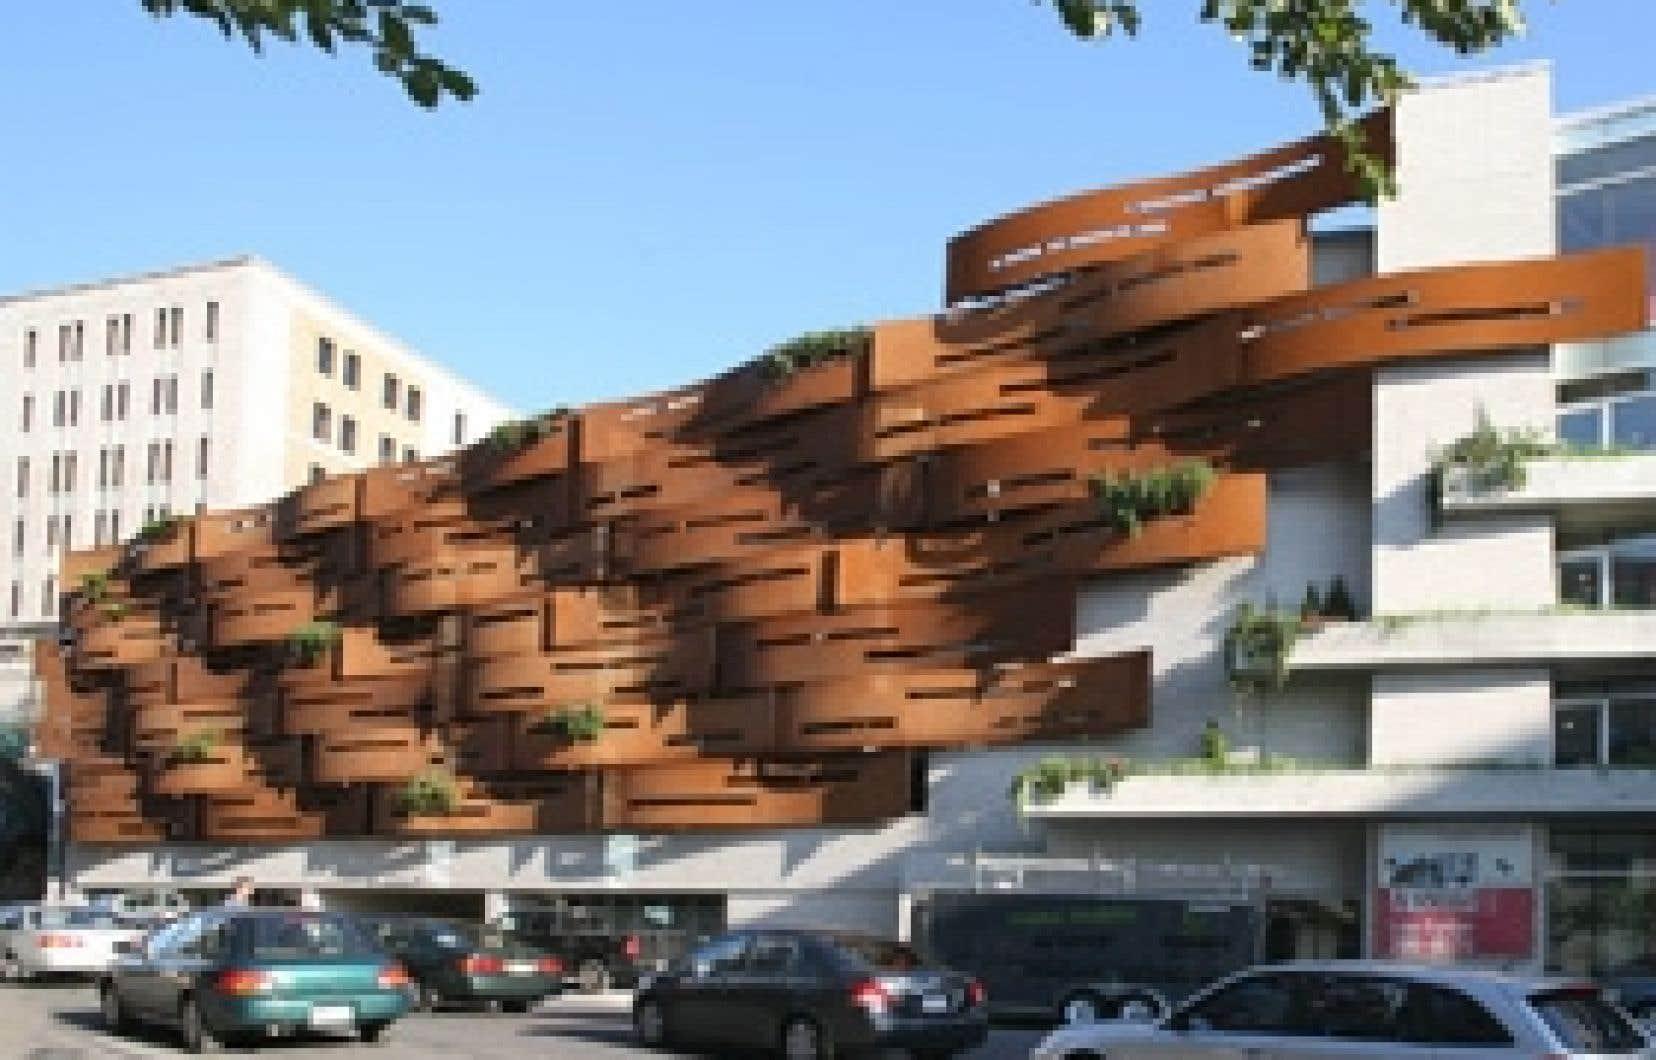 Photo: Yvan Binet Le projet de La Falaise apprivoisée avait provoqué de vives critiques lors de son inauguration. Un an plus tard, une fois la poussière retombée, le projet reçoit le Prix du public.